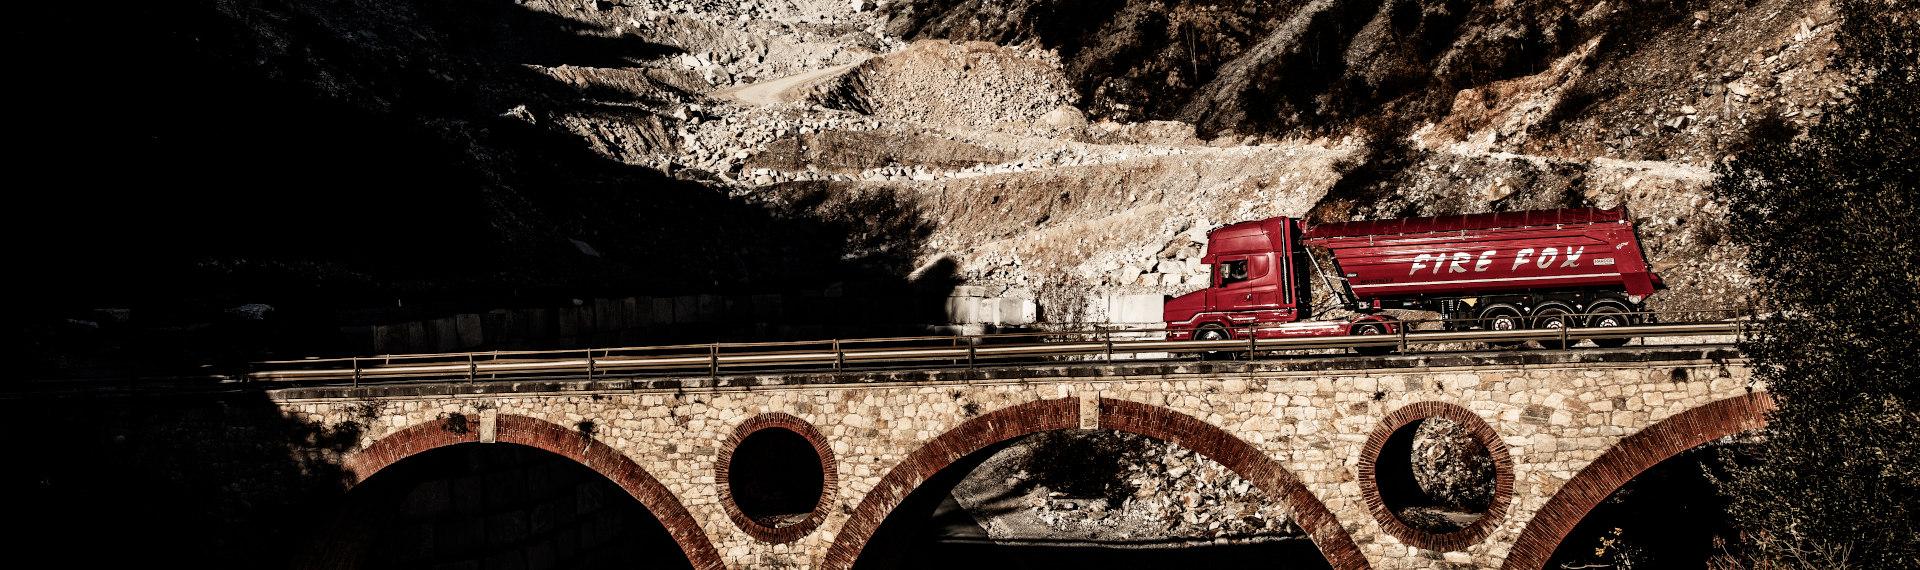 Um caminhão Fire Fox vermelho, feito com a chapa de aço Hardox 500 Tuf, cruzando uma ponte